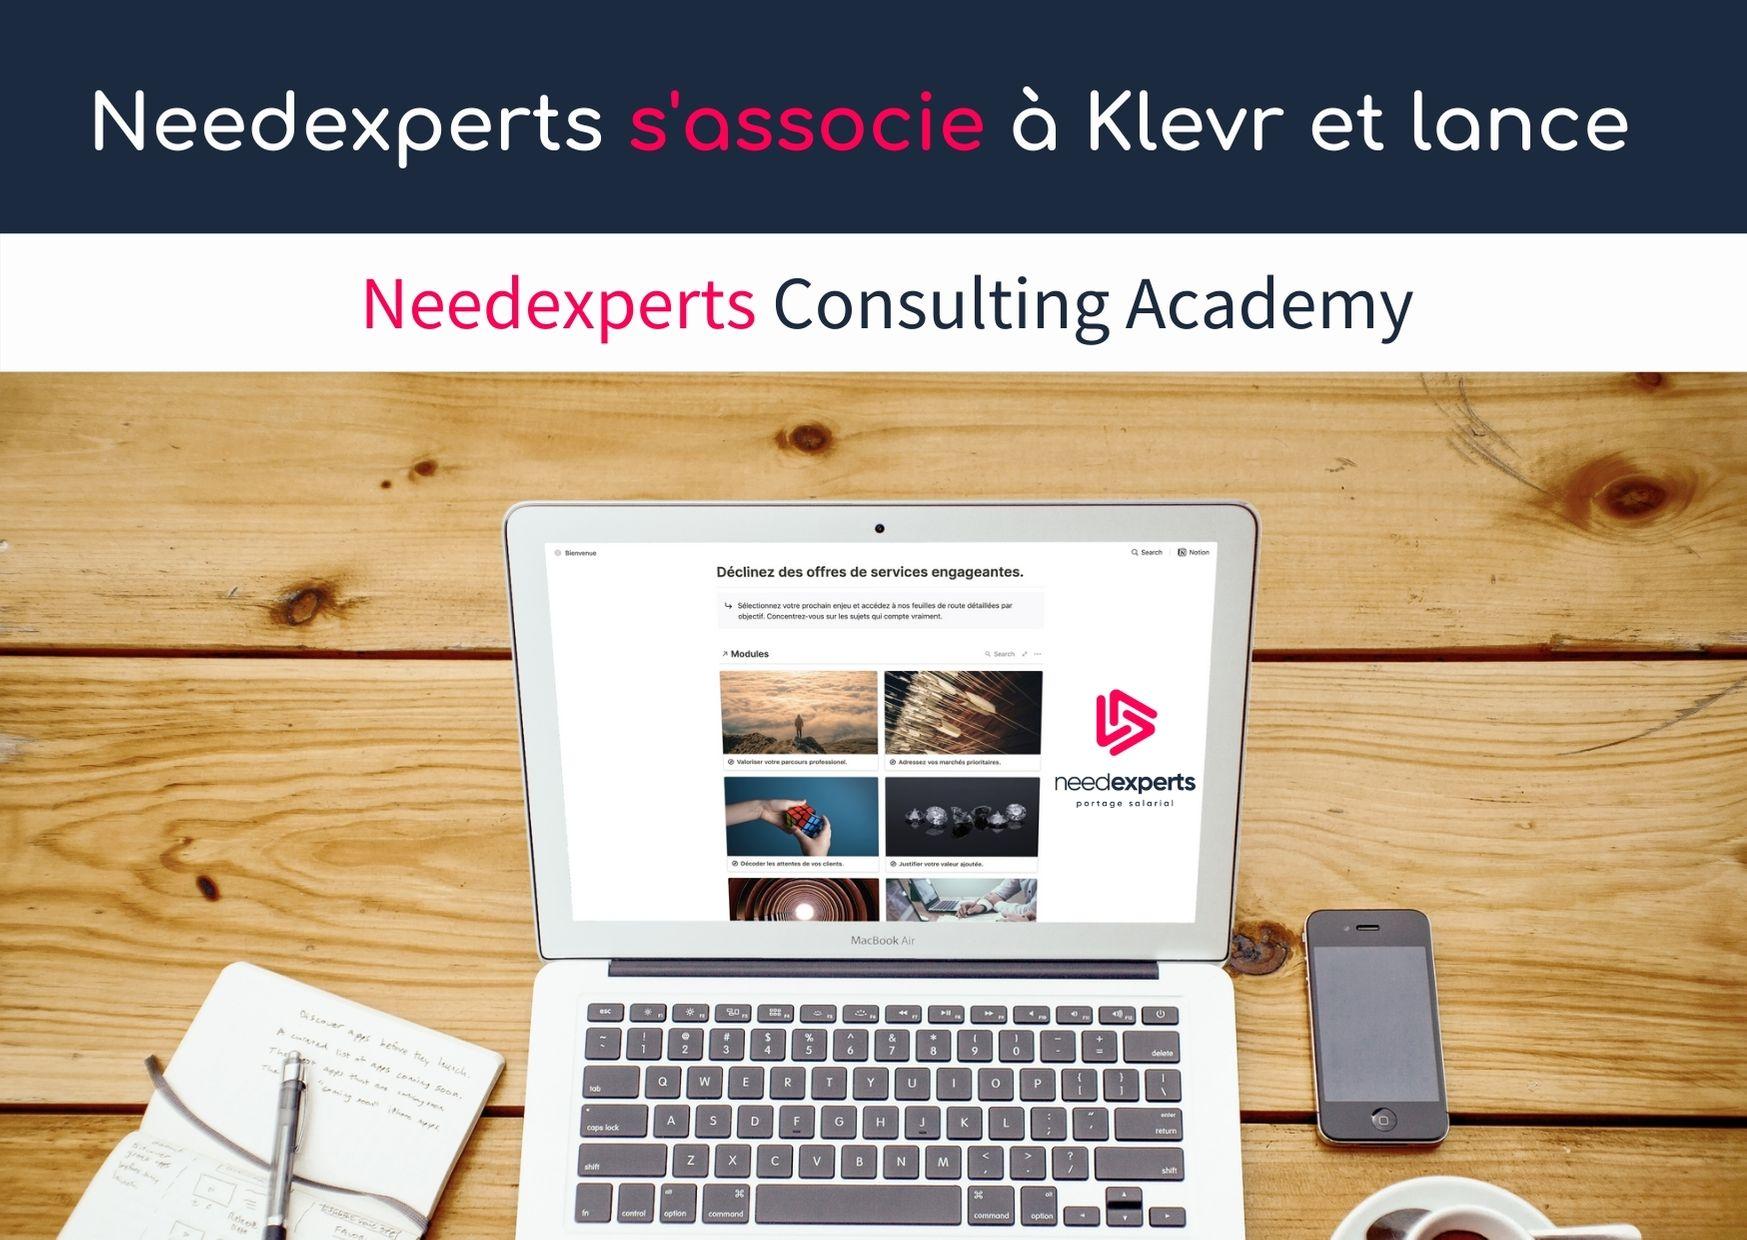 Needexperts Consulting Academy